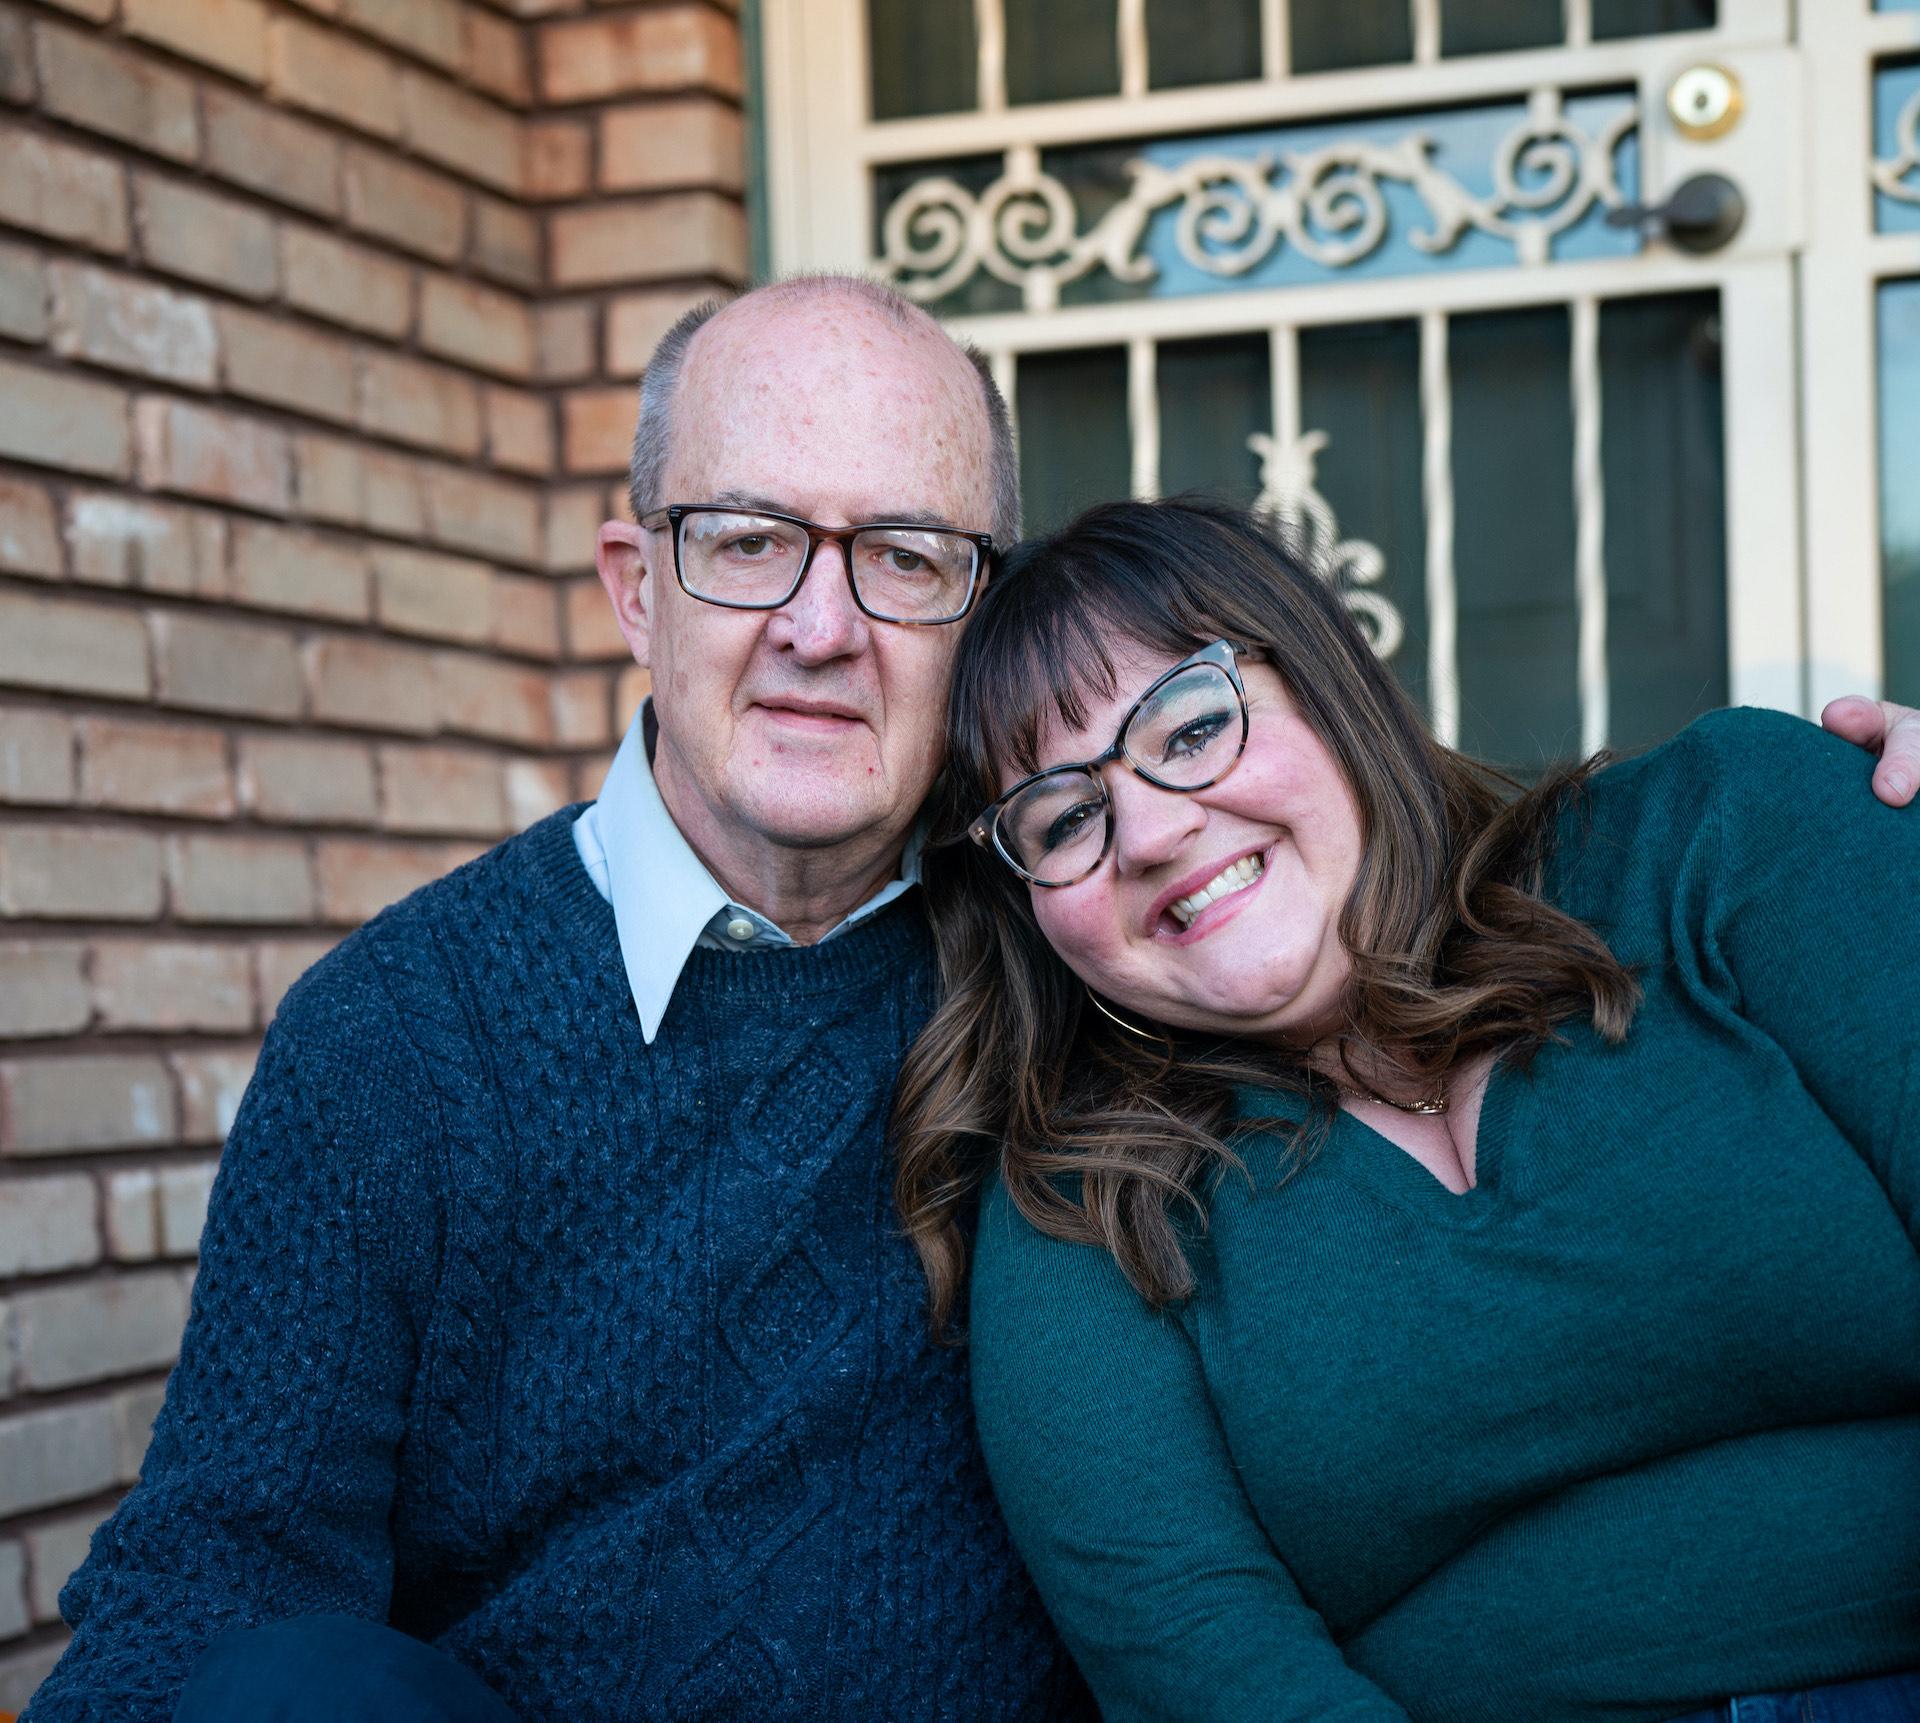 Podcast 730 Beth Bradley Her Dad